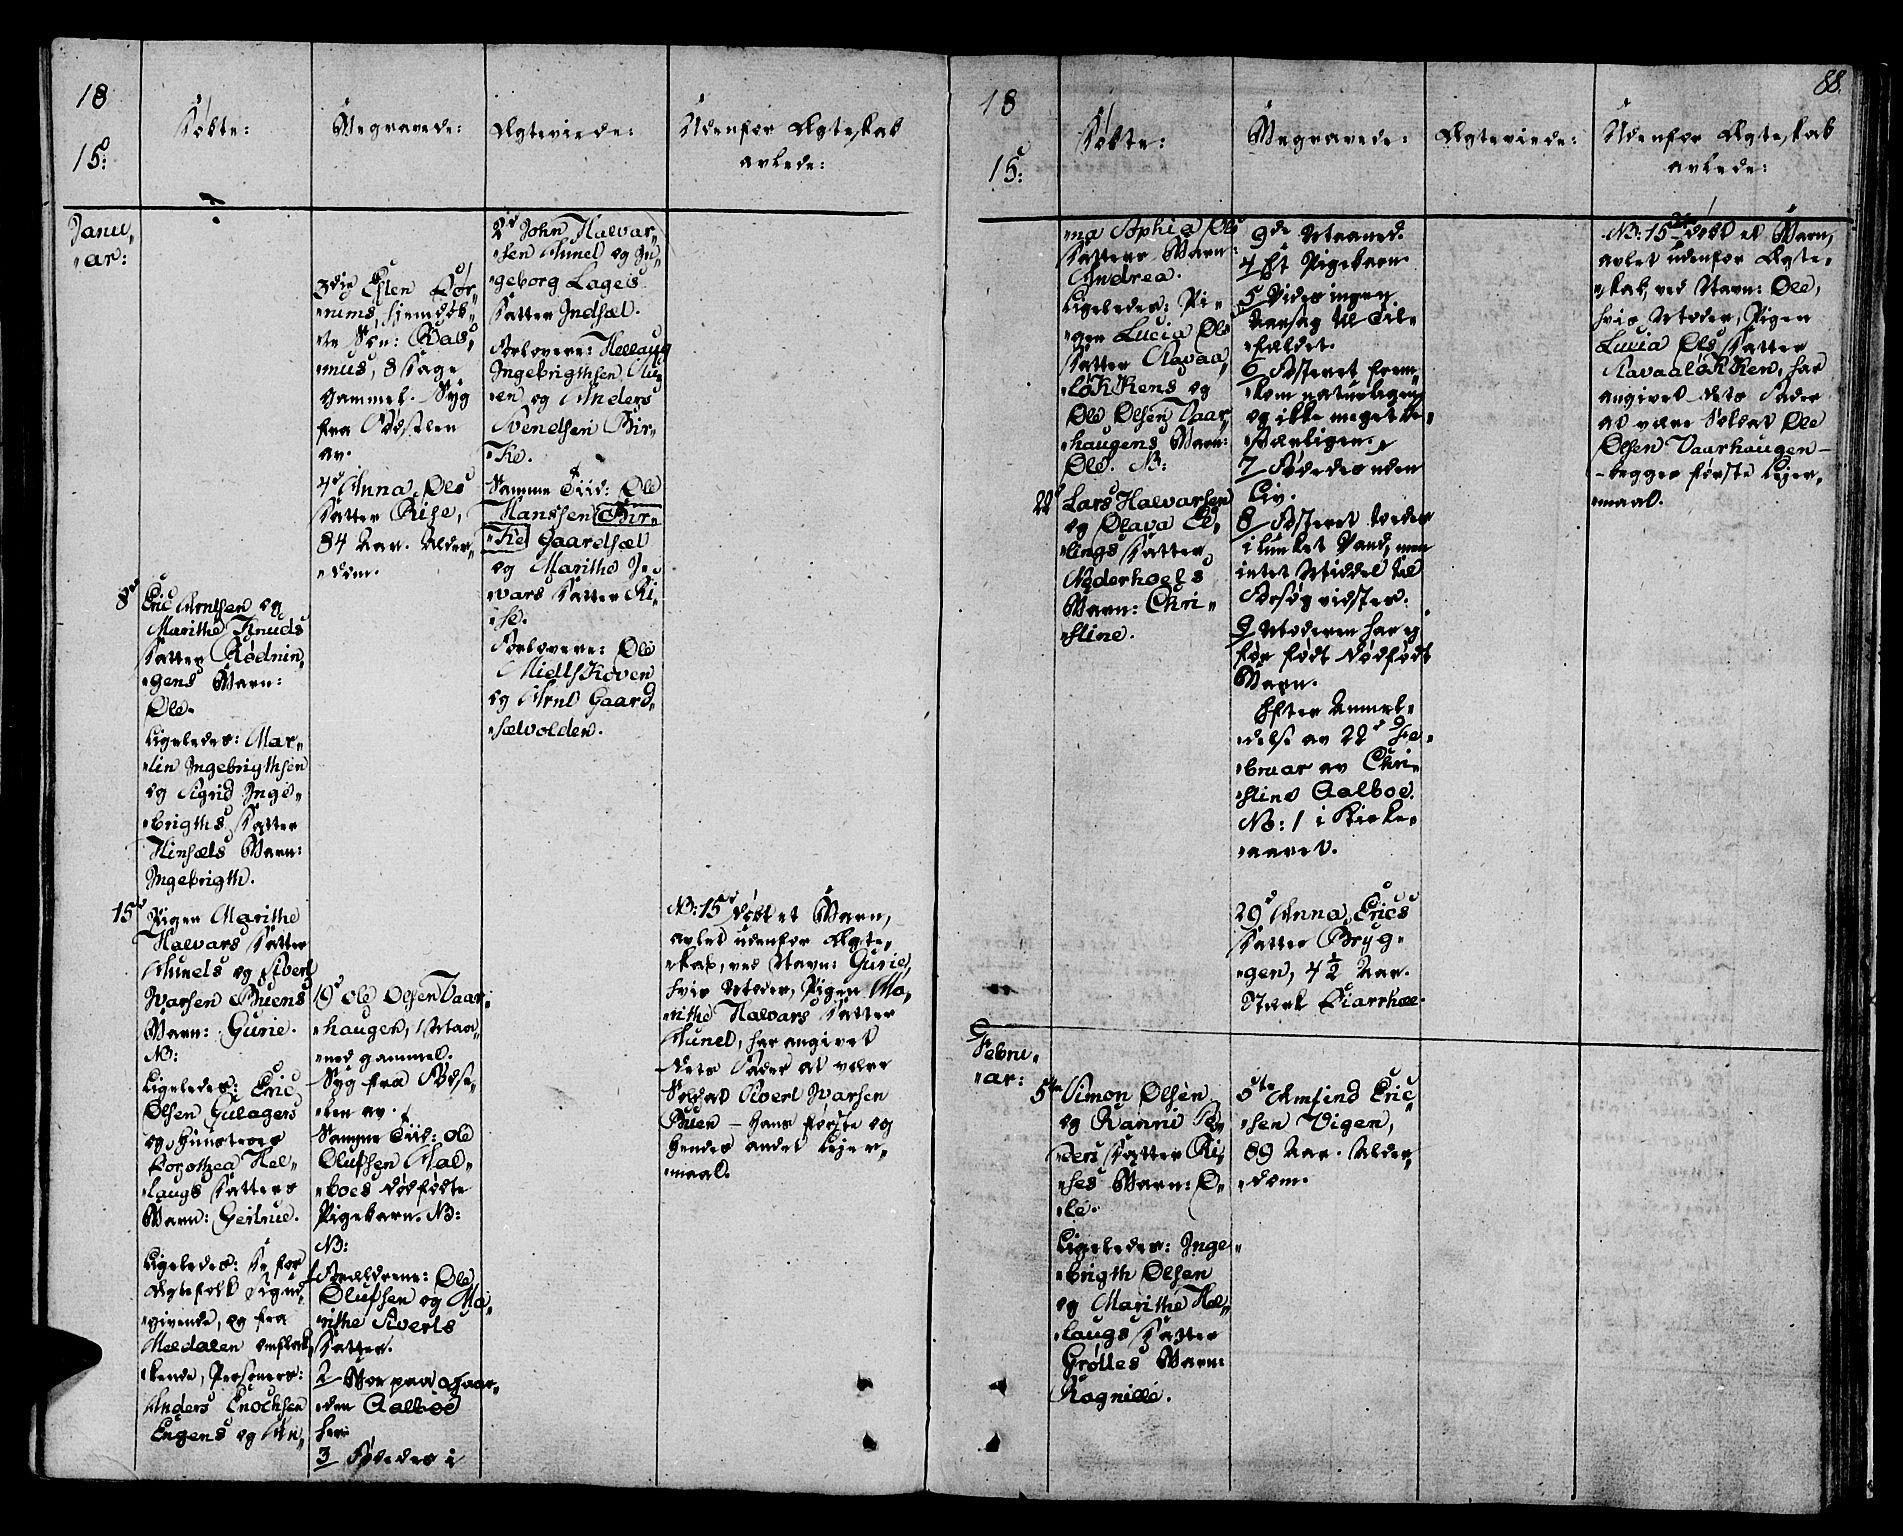 SAT, Ministerialprotokoller, klokkerbøker og fødselsregistre - Sør-Trøndelag, 678/L0894: Ministerialbok nr. 678A04, 1806-1815, s. 88